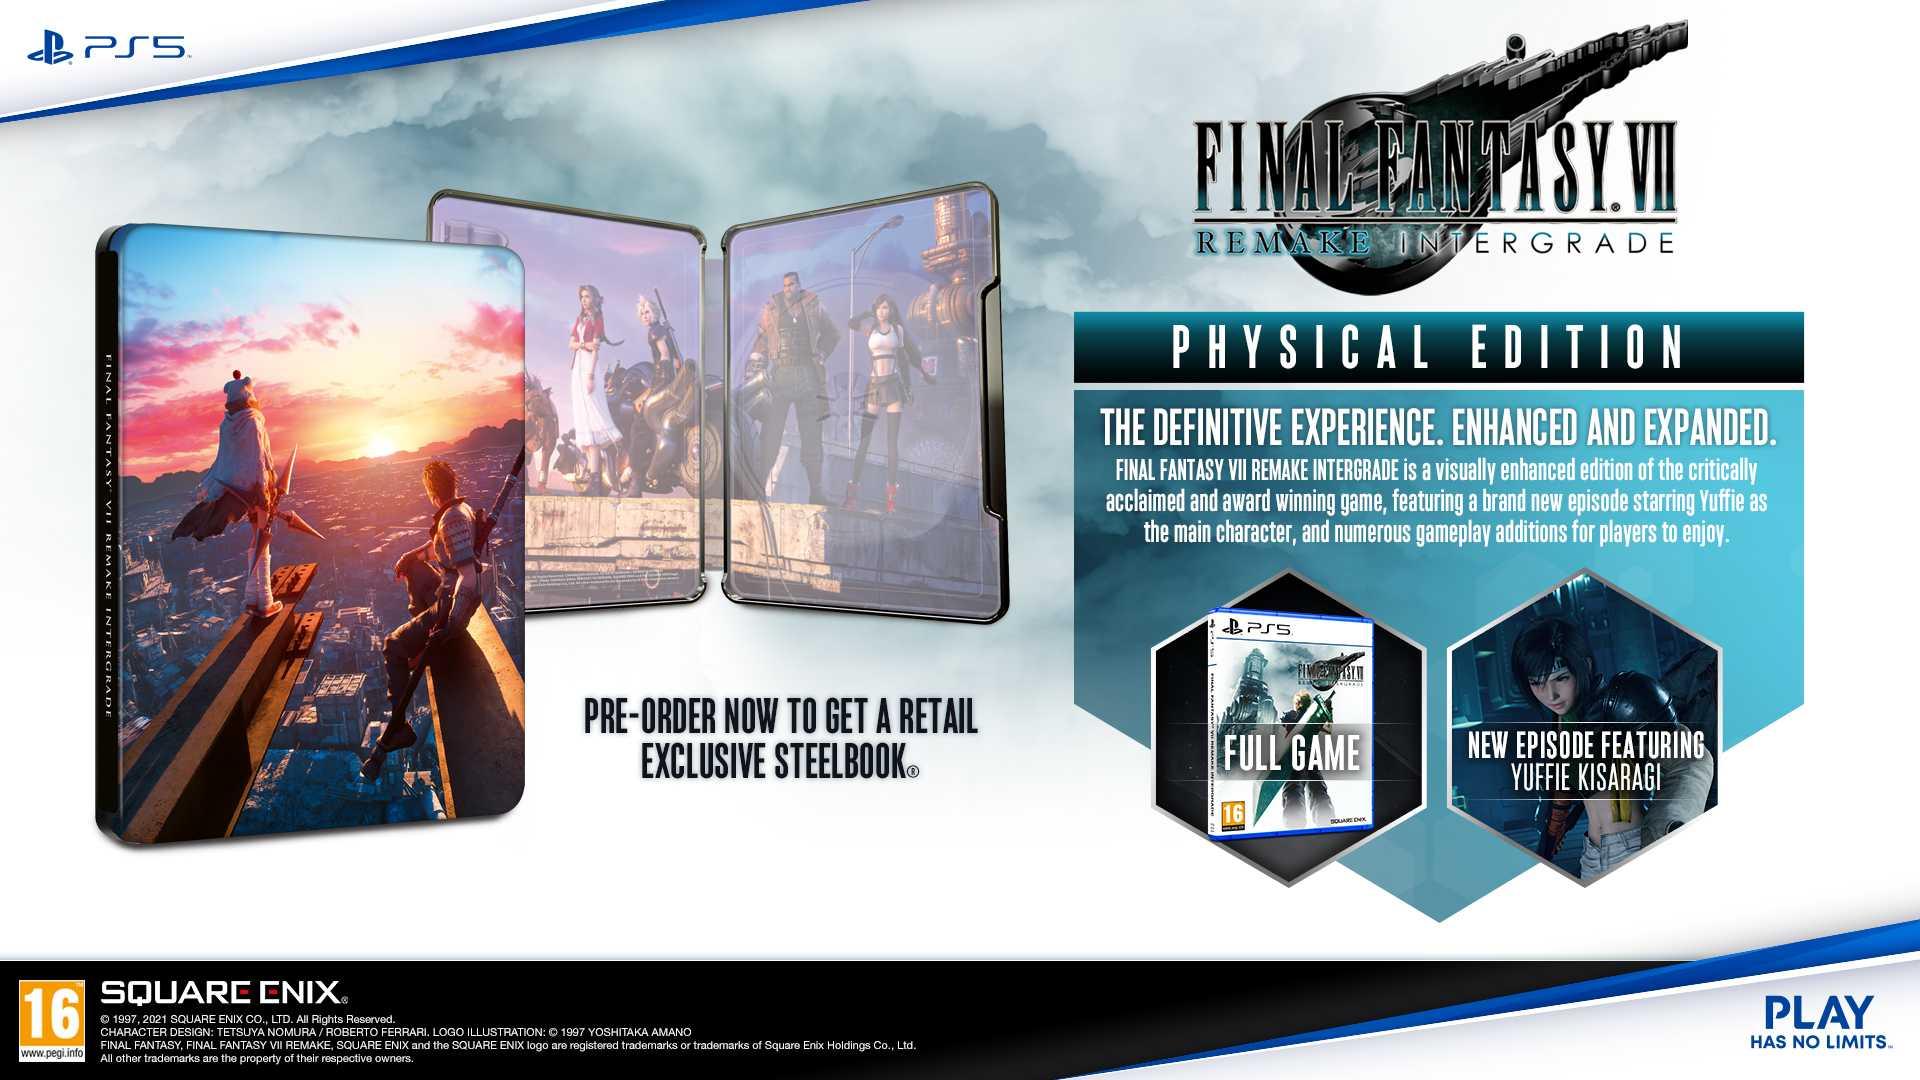 Final Fantasy VII Remake Intergrade - Steelbook